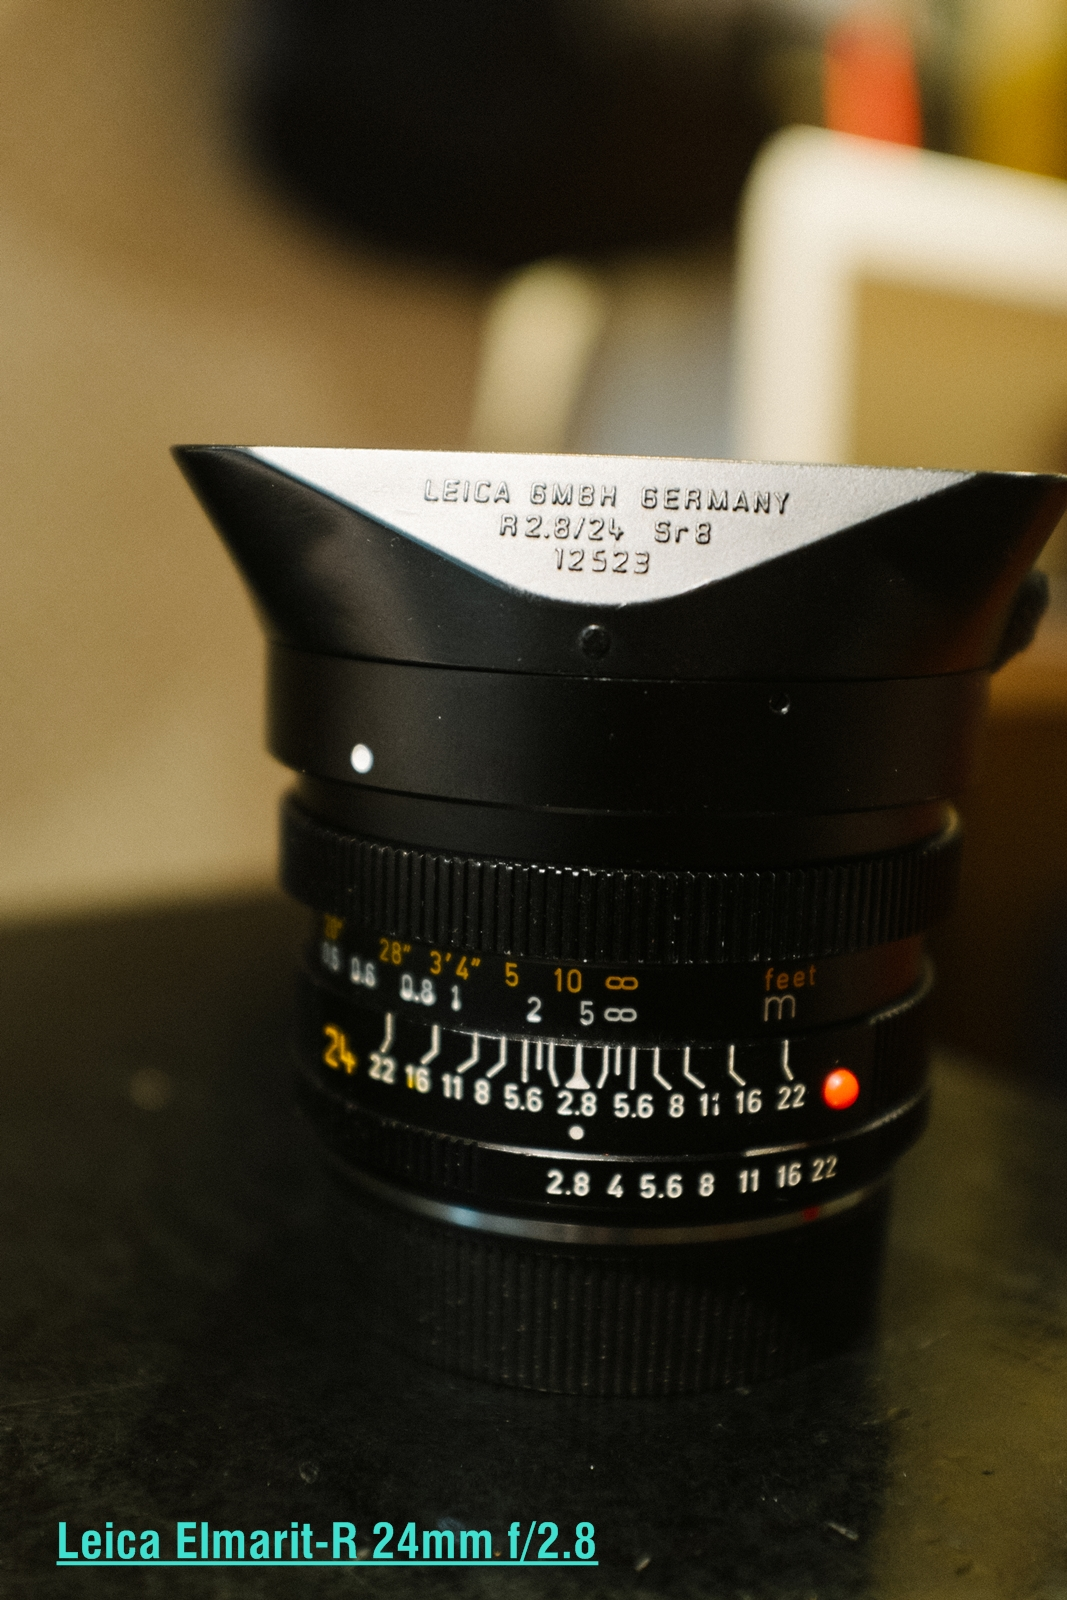 Leica Elmarit-R 24mm f/2.8